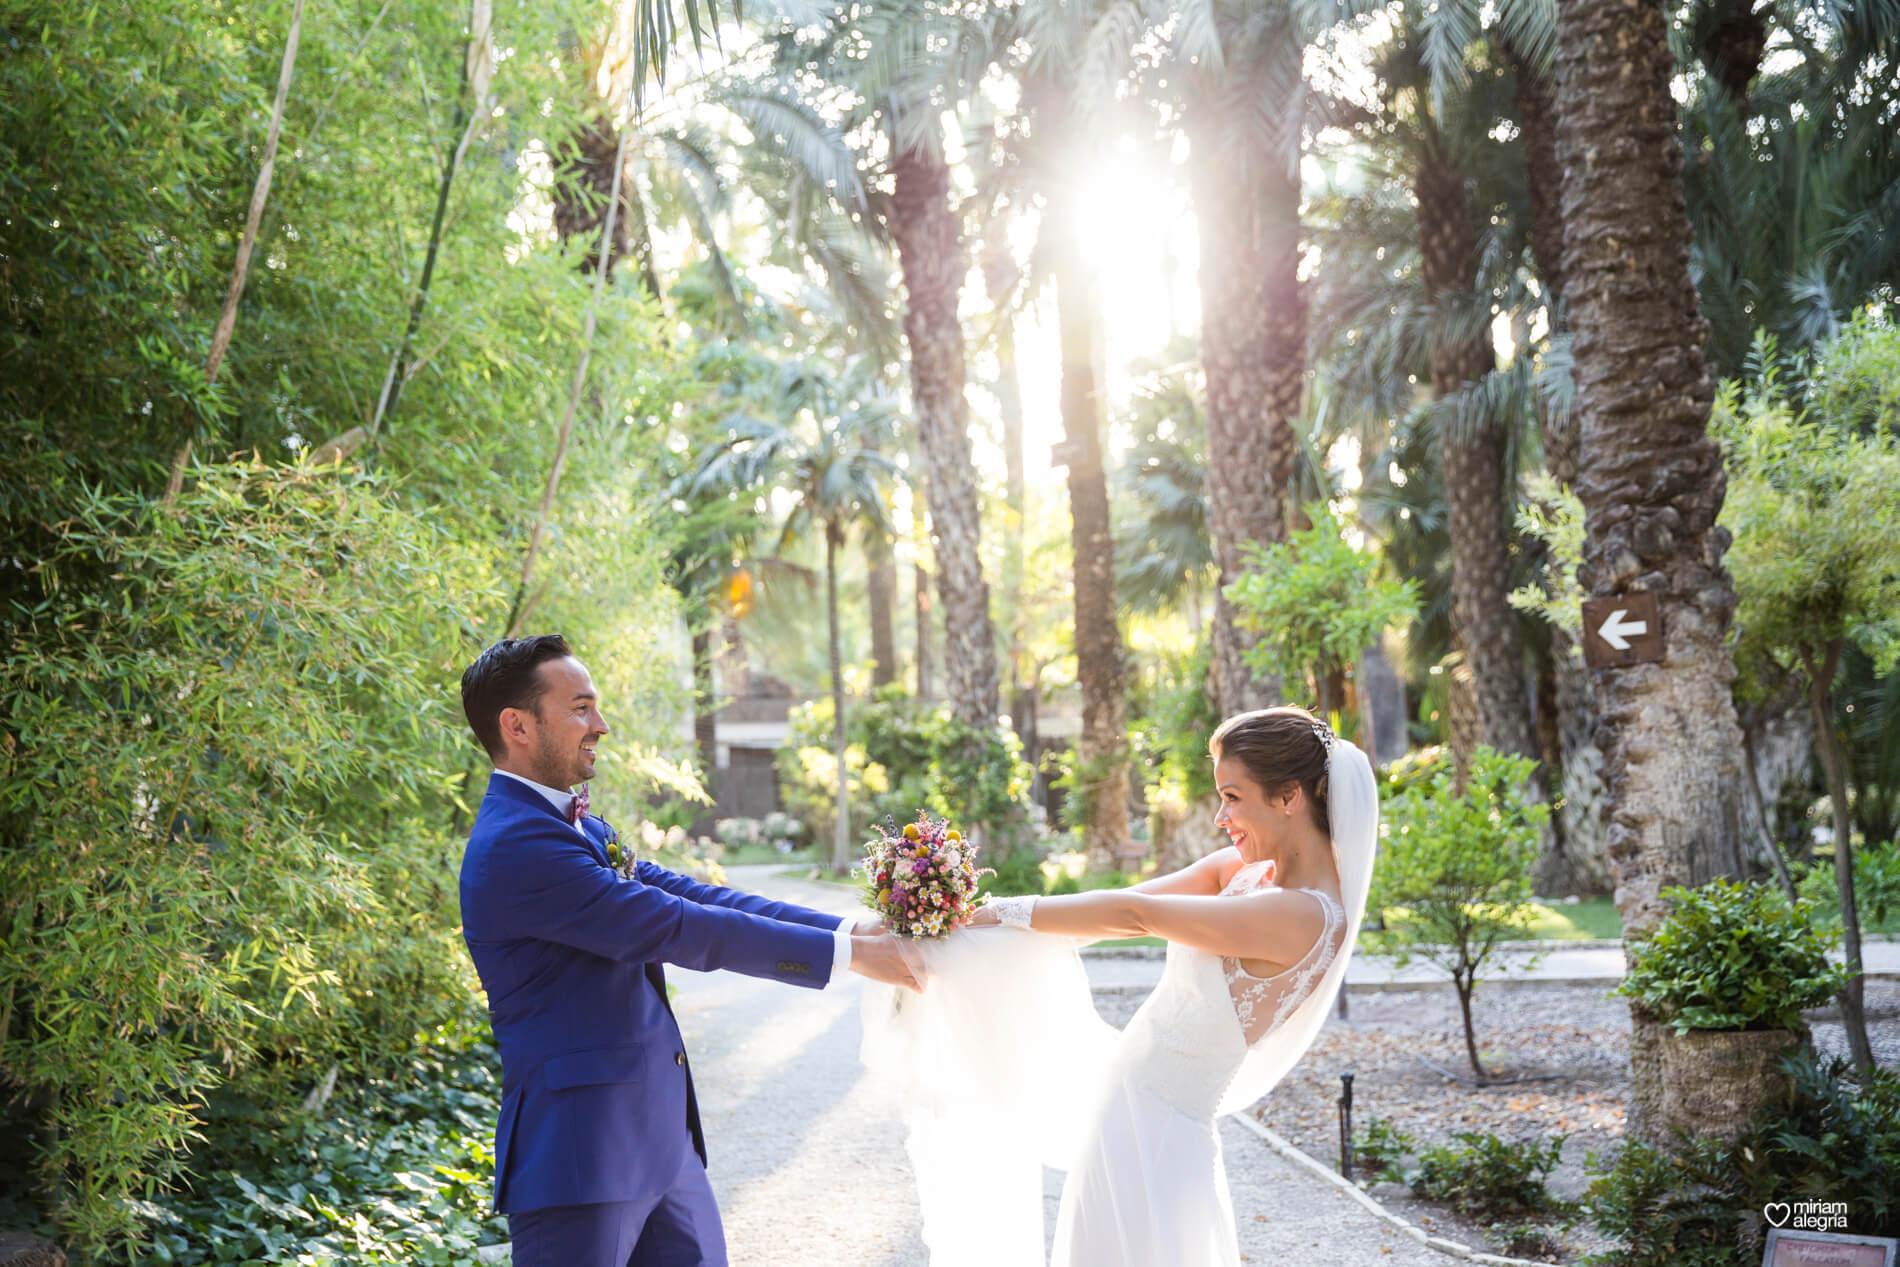 wedding-huerto-del-cura-elche-miriam-alegria-fotografos-boda-22